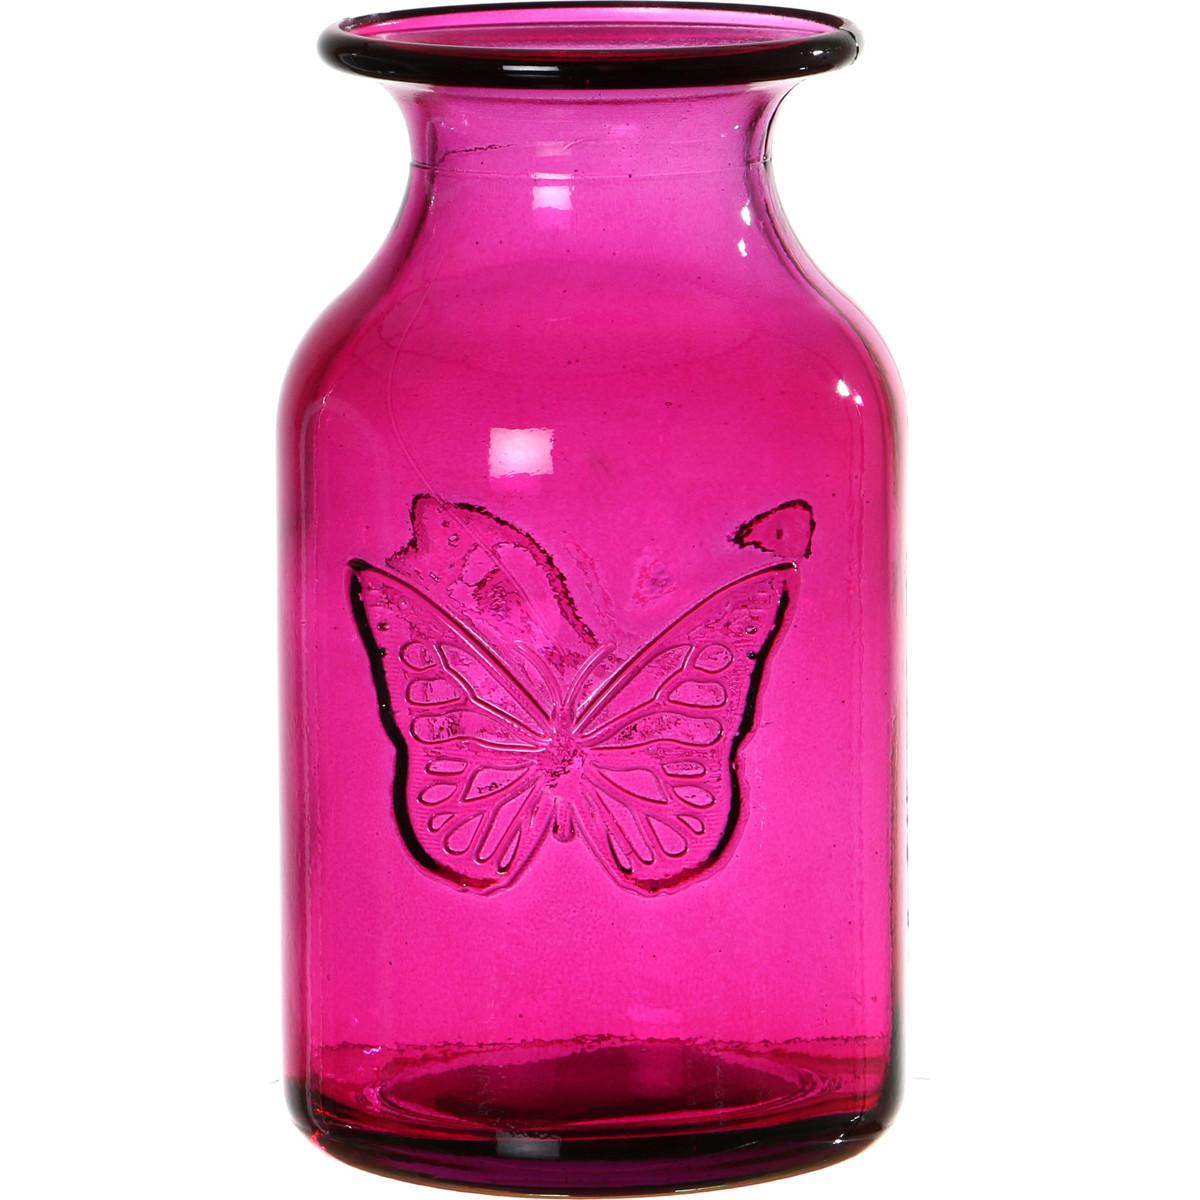 {} San Miguel Ваза Oletta  (16 см) san miguel ваза hortense 16 см